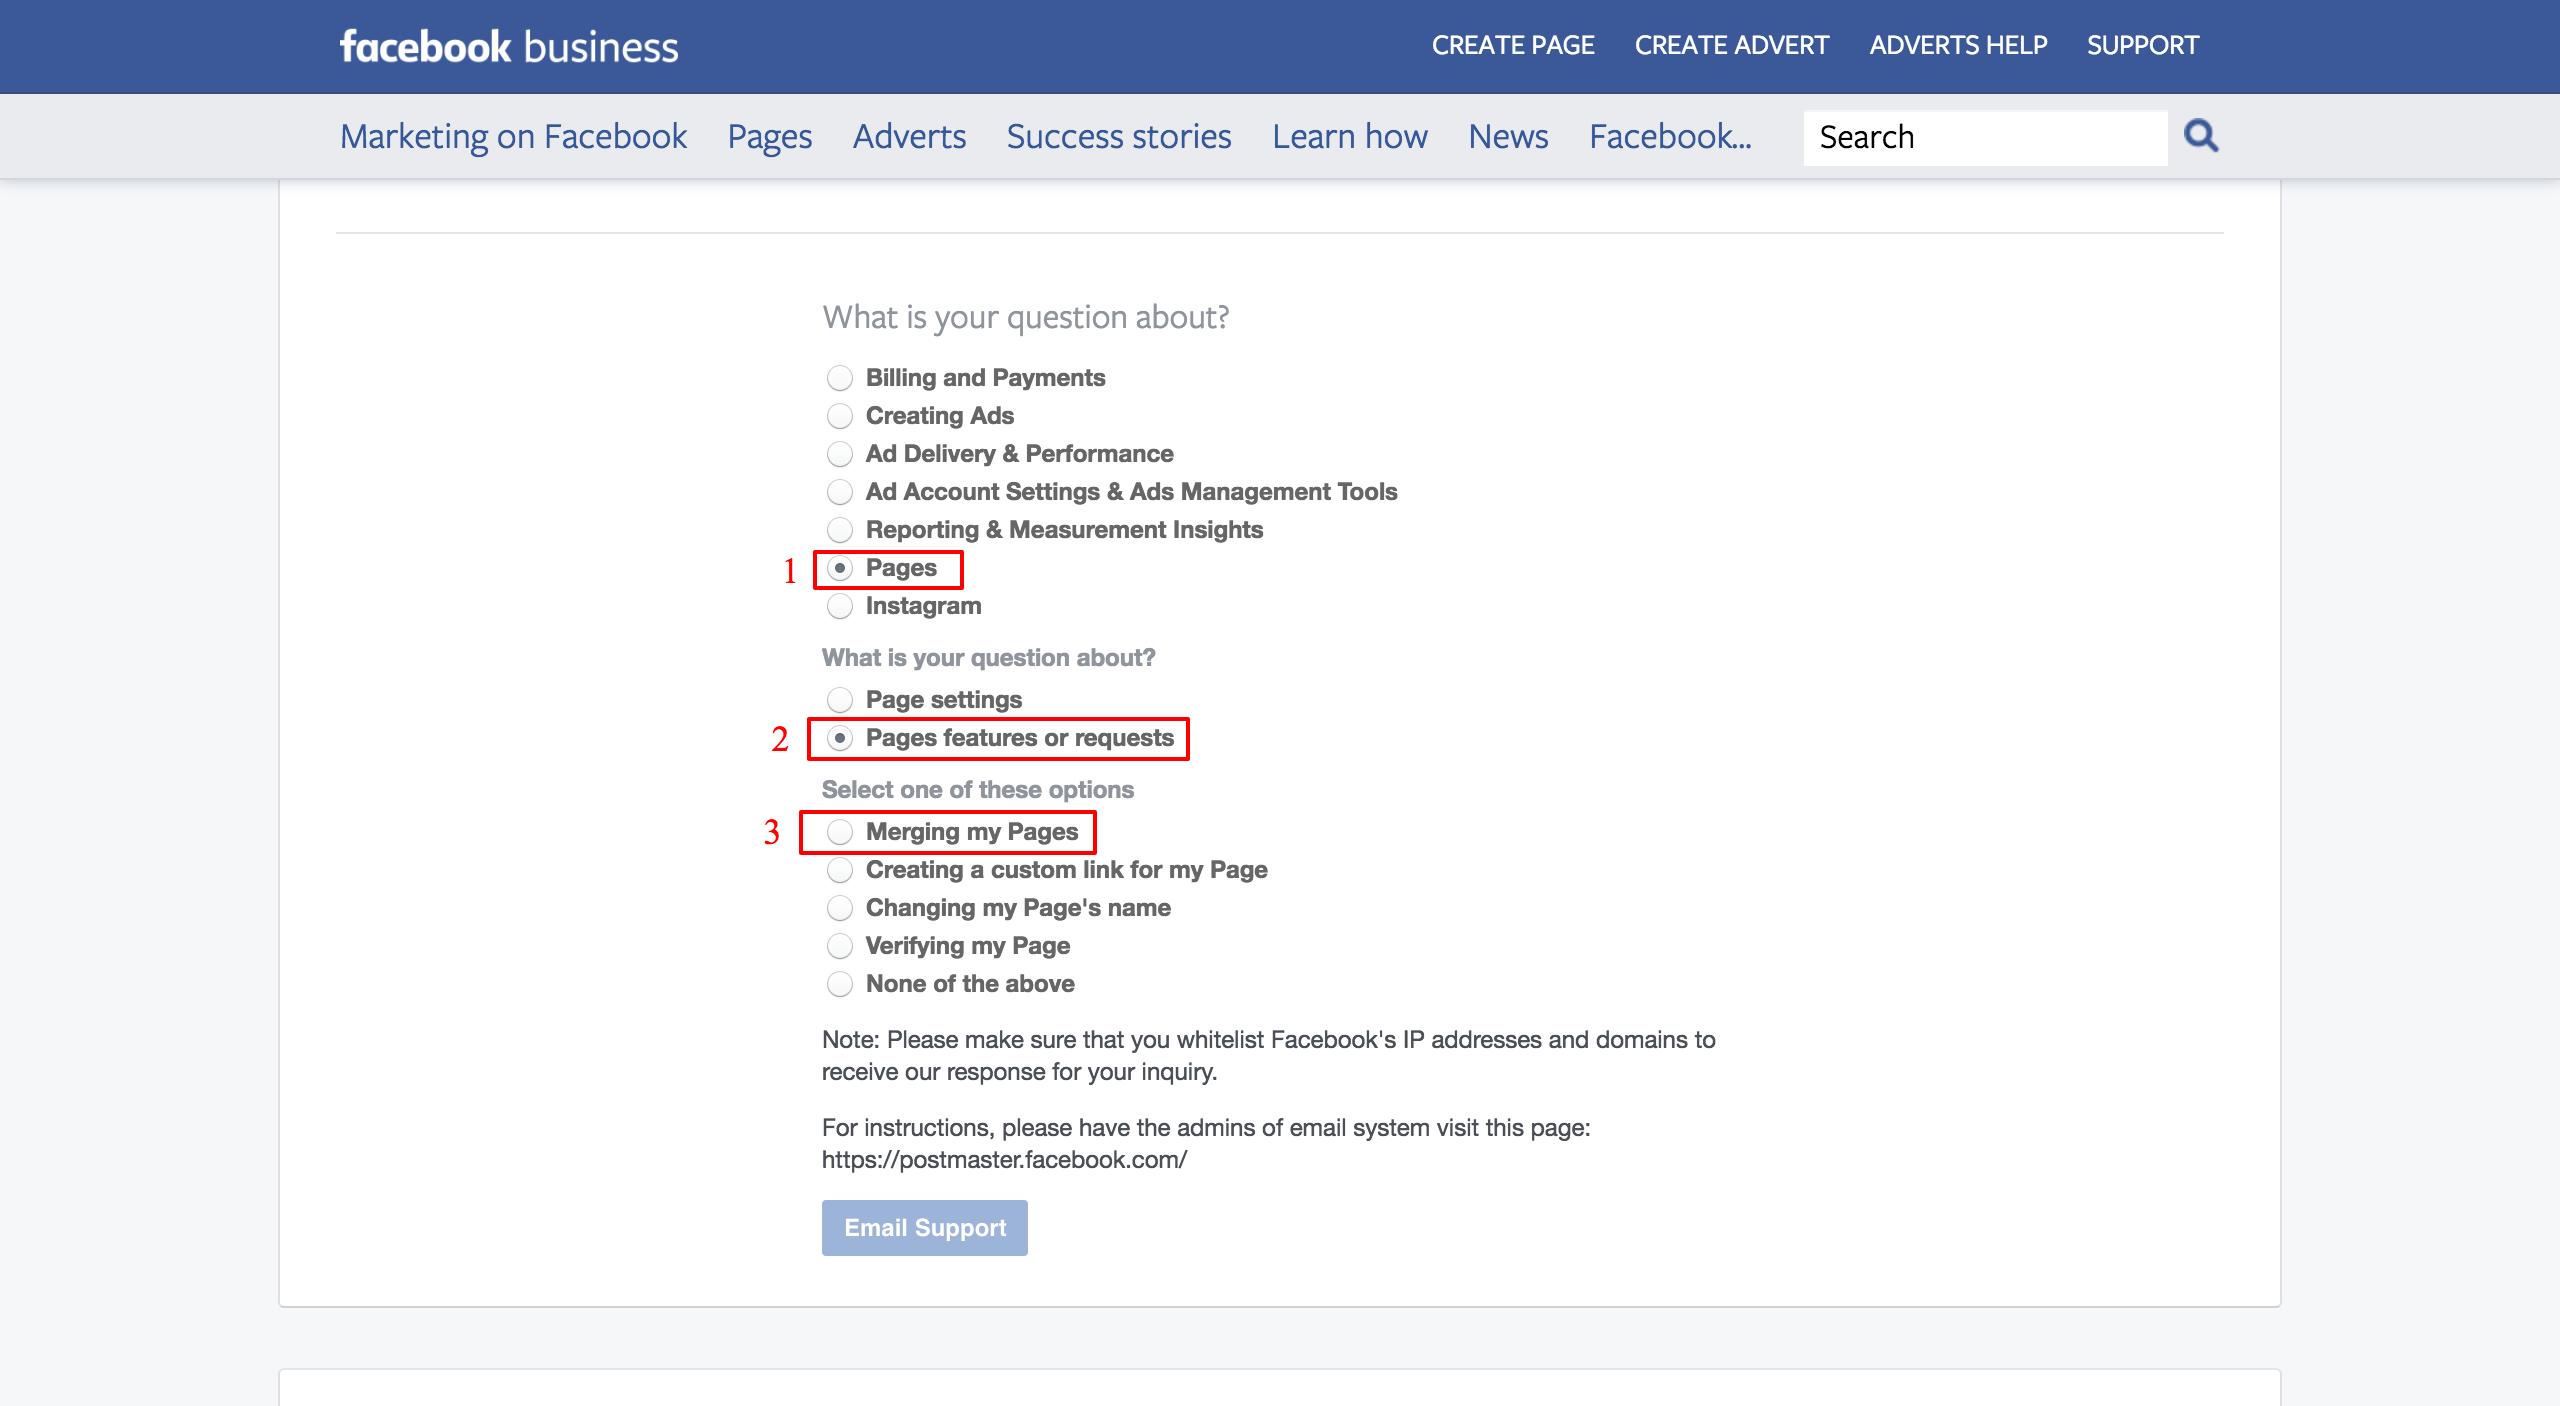 מיזוג דפים עסקיים בפייסבוק